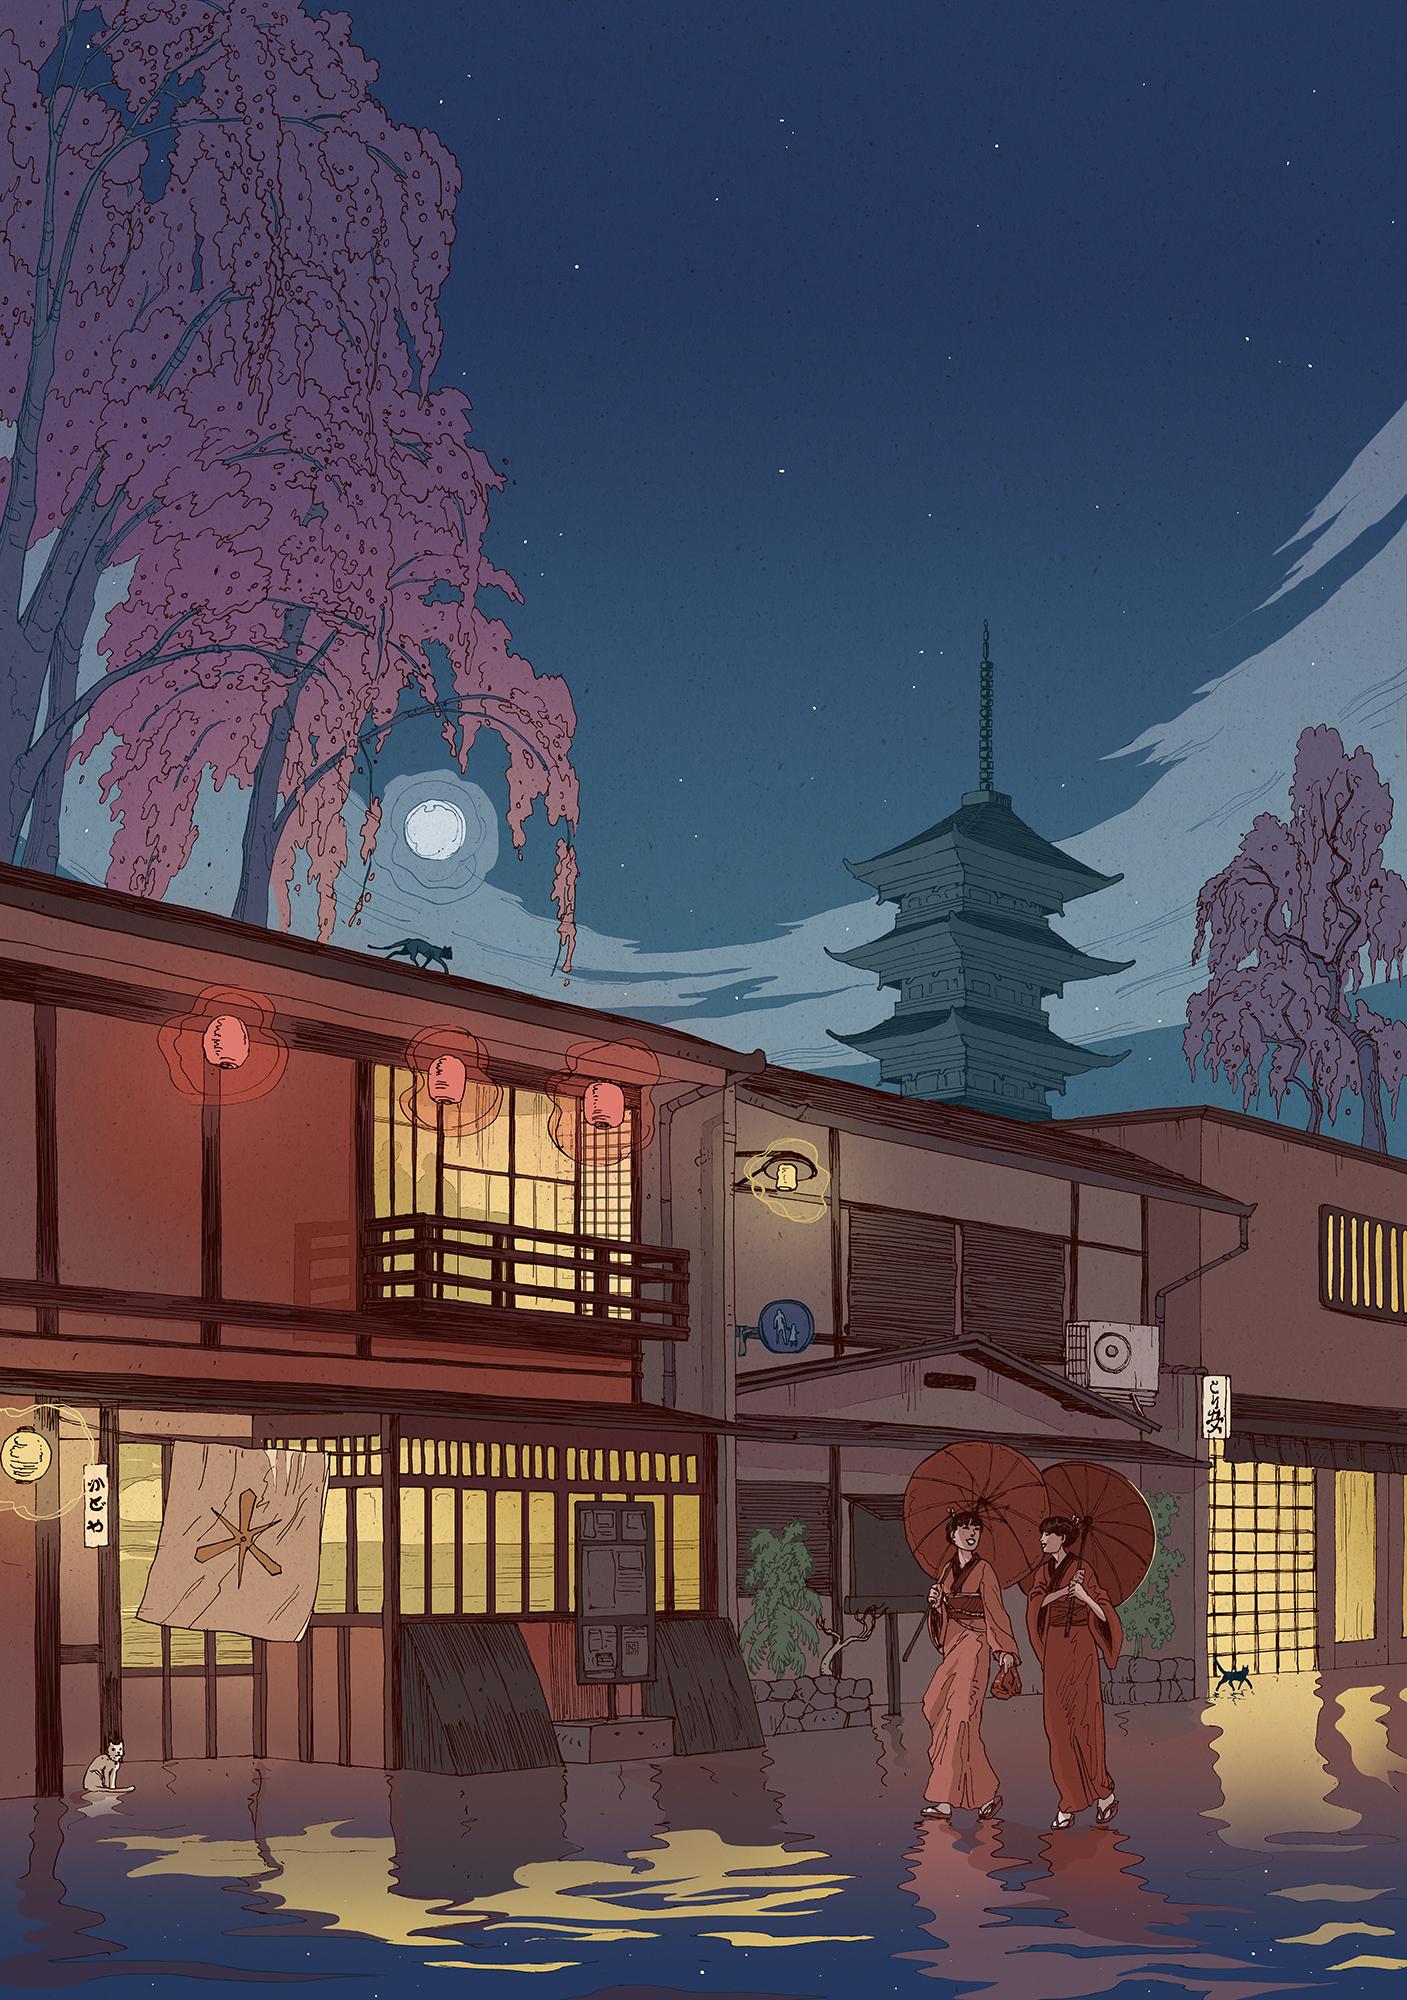 Kyoto at night illustration nicolas castell